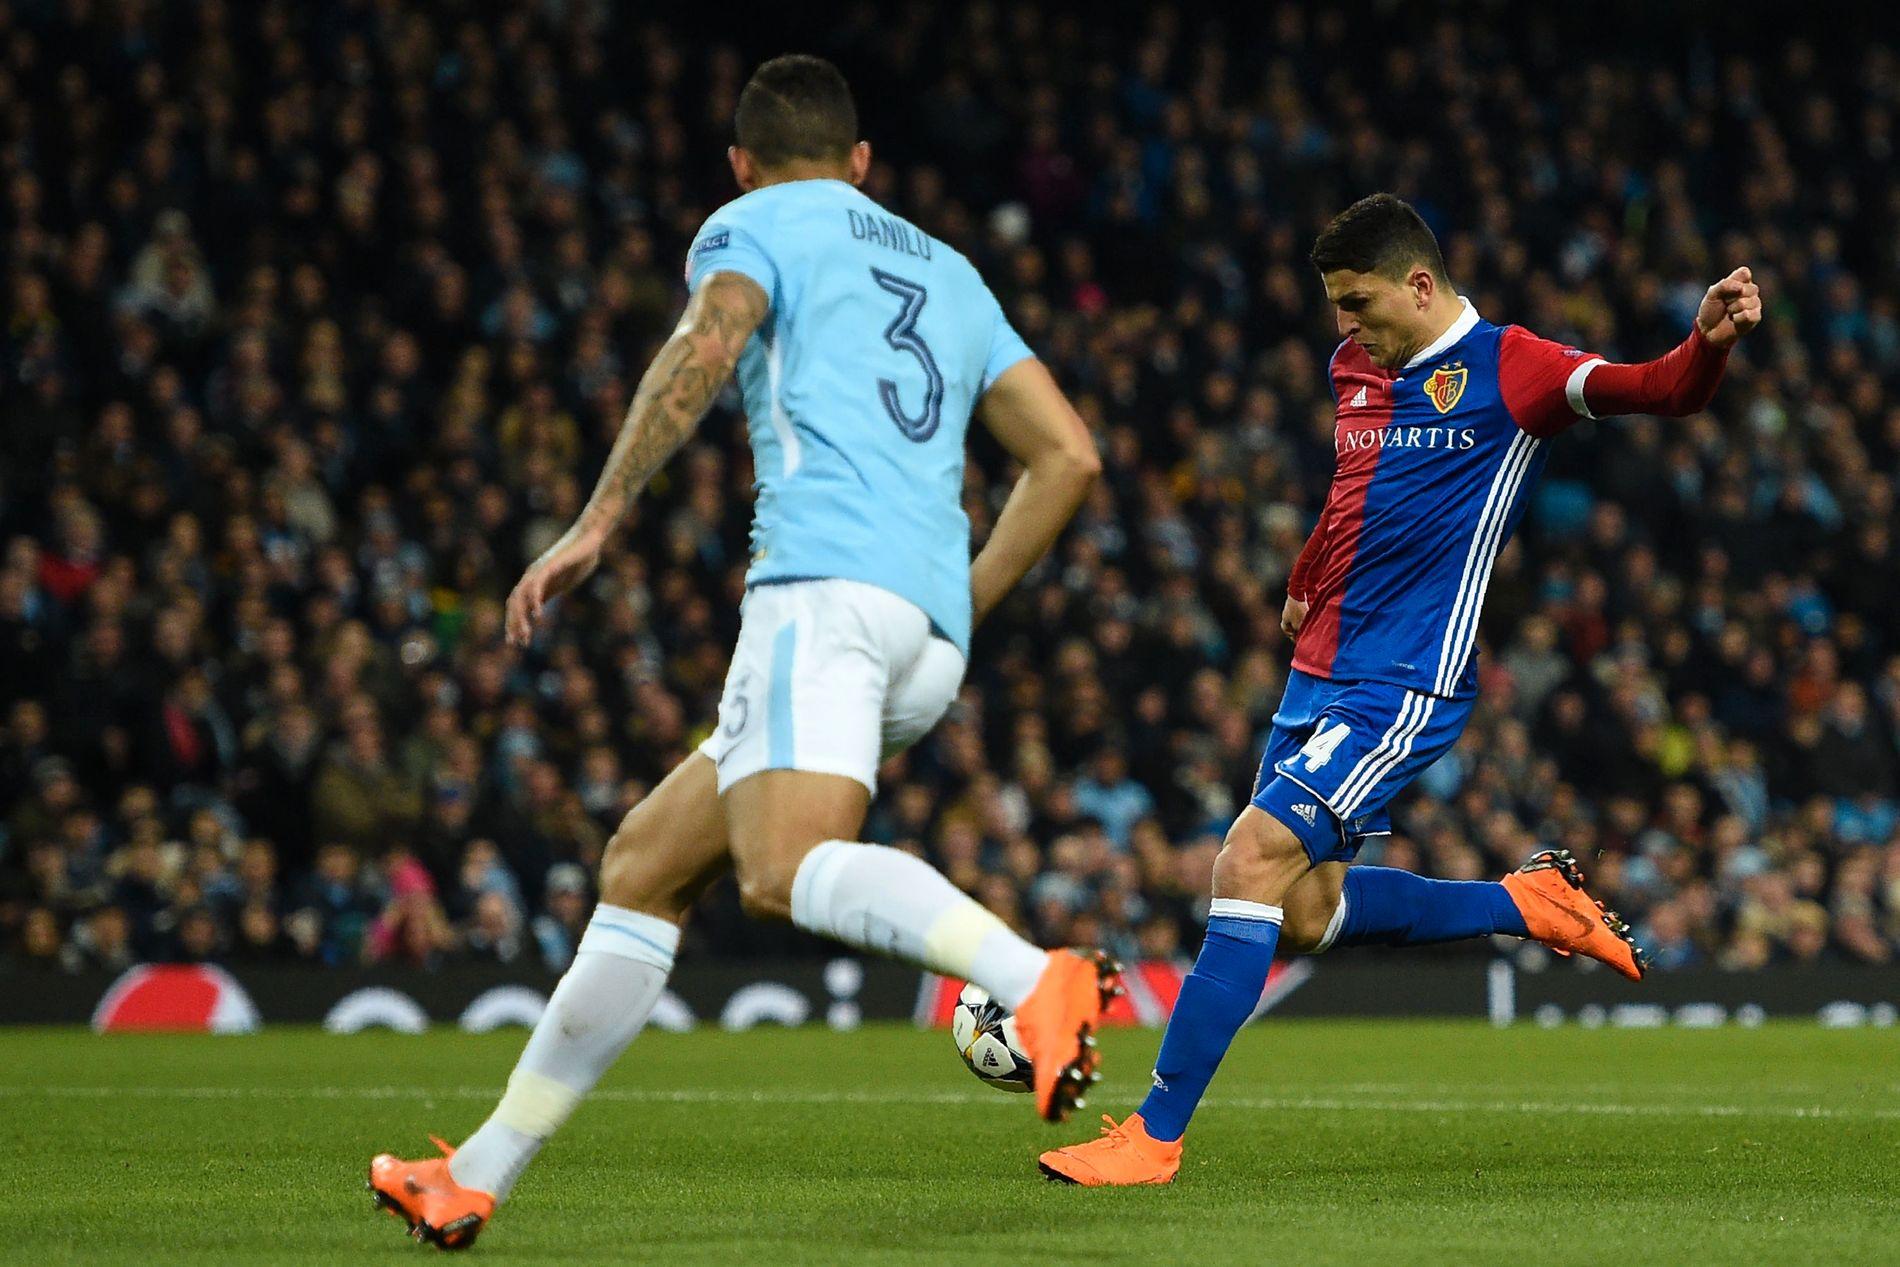 HERJET: Mohamed Elyounoussi var banens beste spiller, med ett mål og én assist, i Champions League-kampen mot Manchester City onsdag kveld.